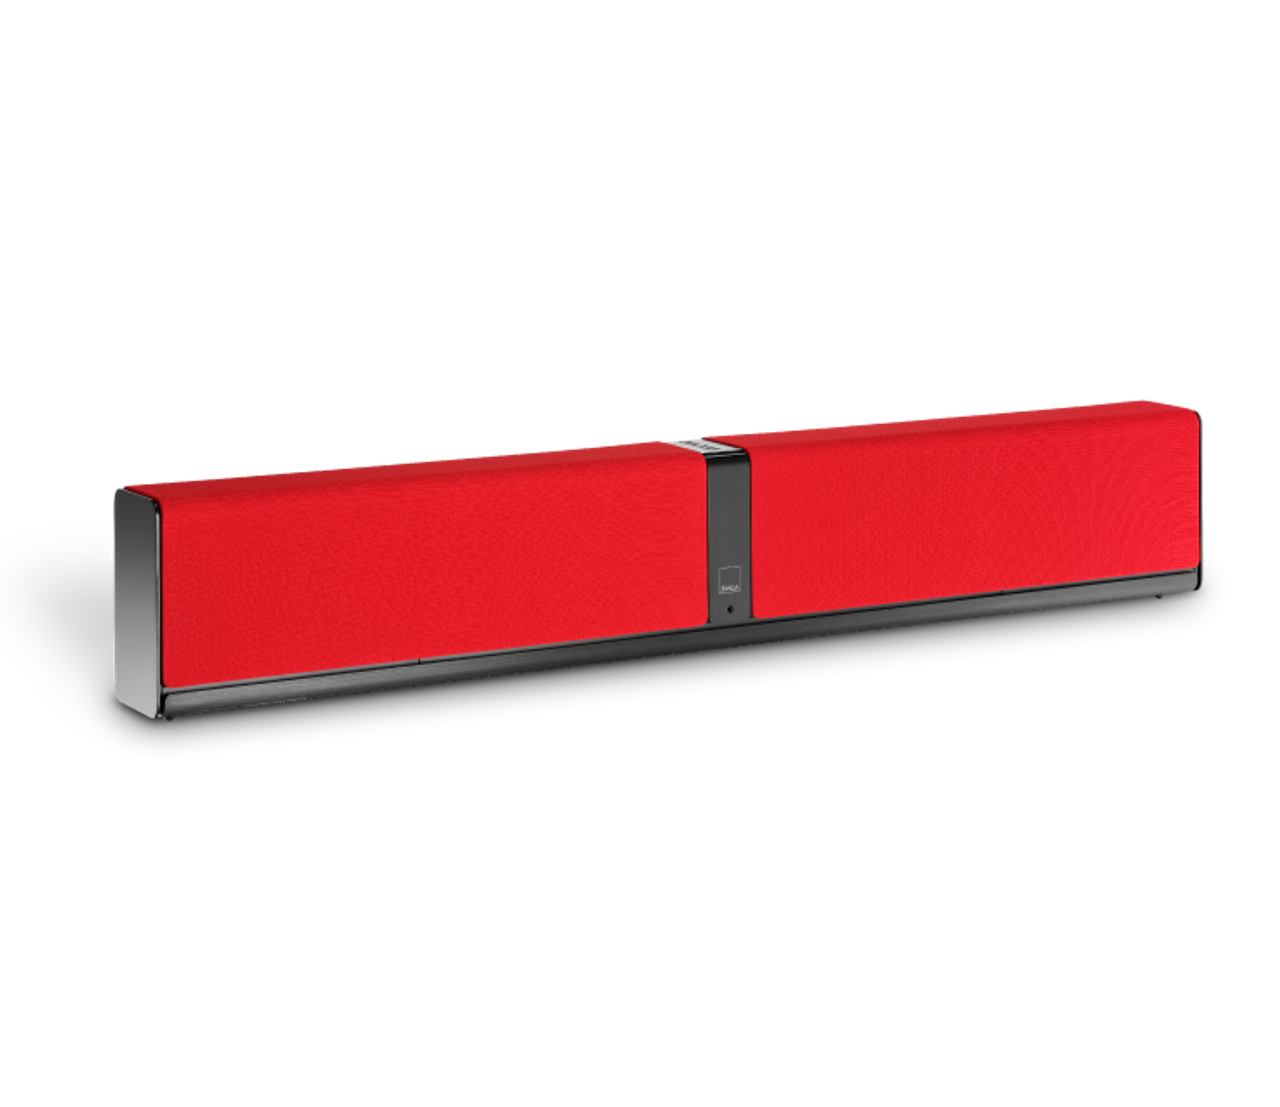 Dali Kubik One All-In-One Bluetooth Soundbar